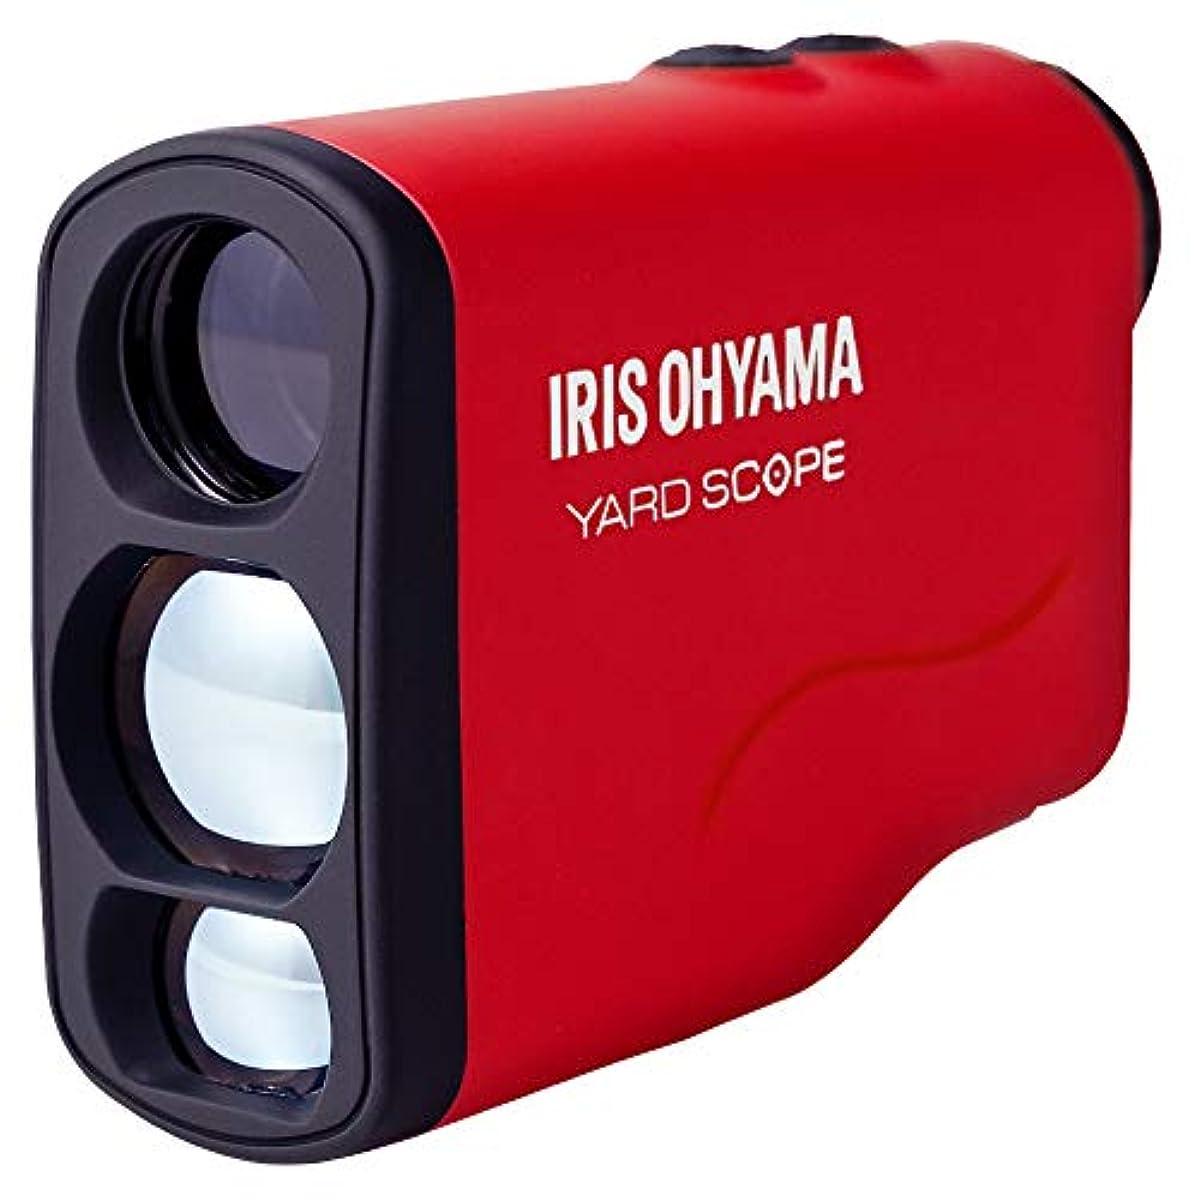 [해외] 아이리스 오야마 레이저 거리계 최대 측정 거리 660YD 골프 용품 경량 (케이스 커버 전지 부착) PLM-600-R 레드